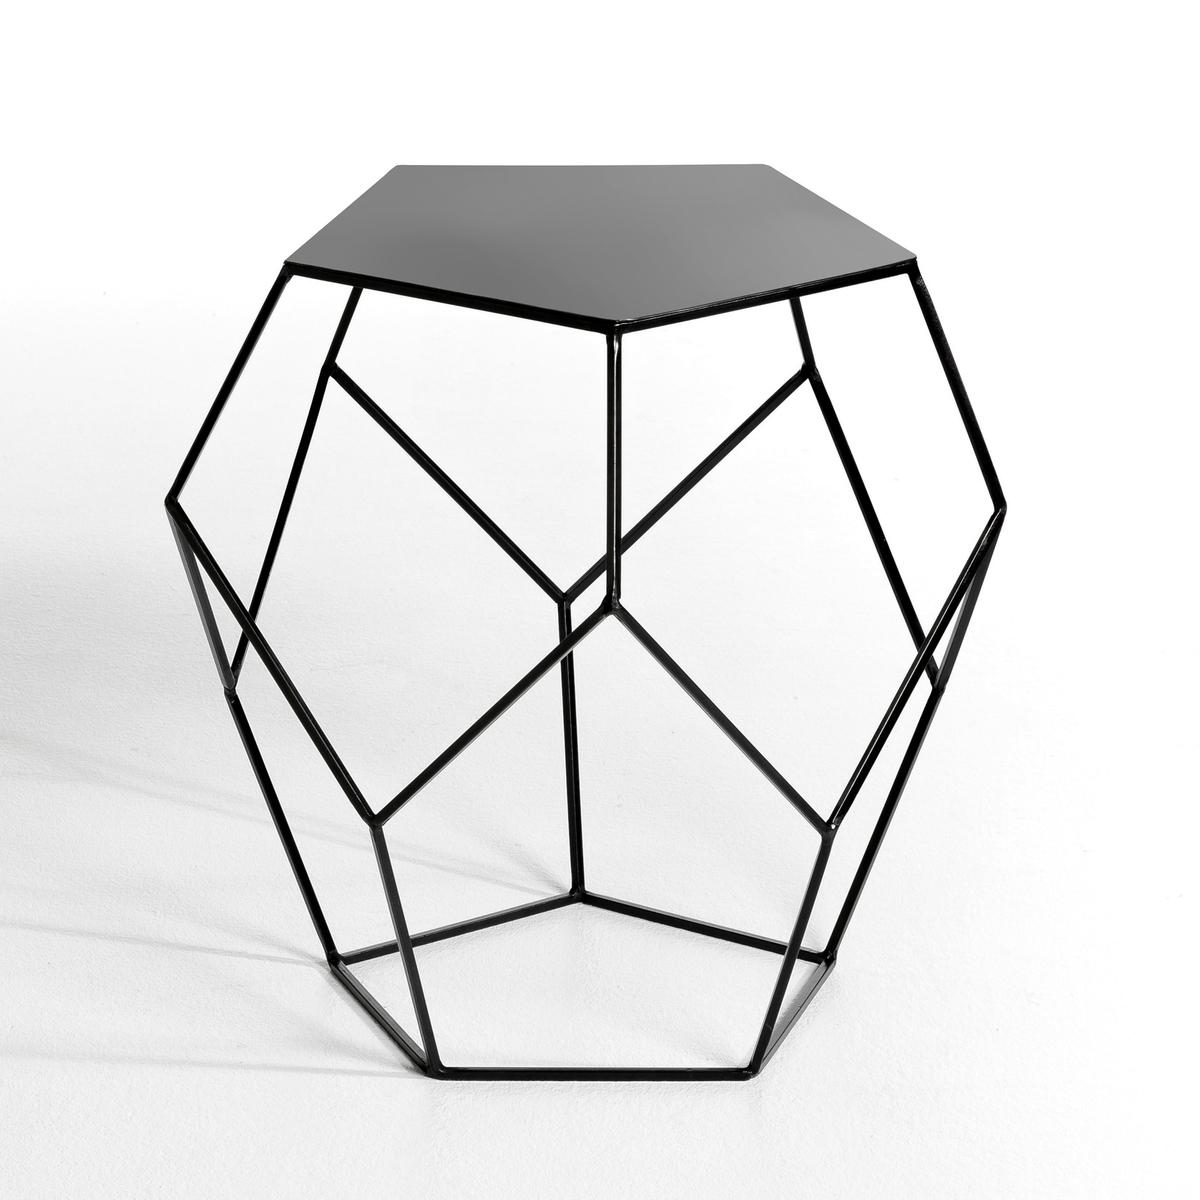 Столик диванный, RozamДиванный столик Rozam. Легкий и графический дизайн...  Характеристики :- Из стали.- Столешница расположена на геометрической конструкции из проволоки .Размеры: - диаметр 45 x высота 46 см.<br><br>Цвет: черный<br>Размер: единый размер